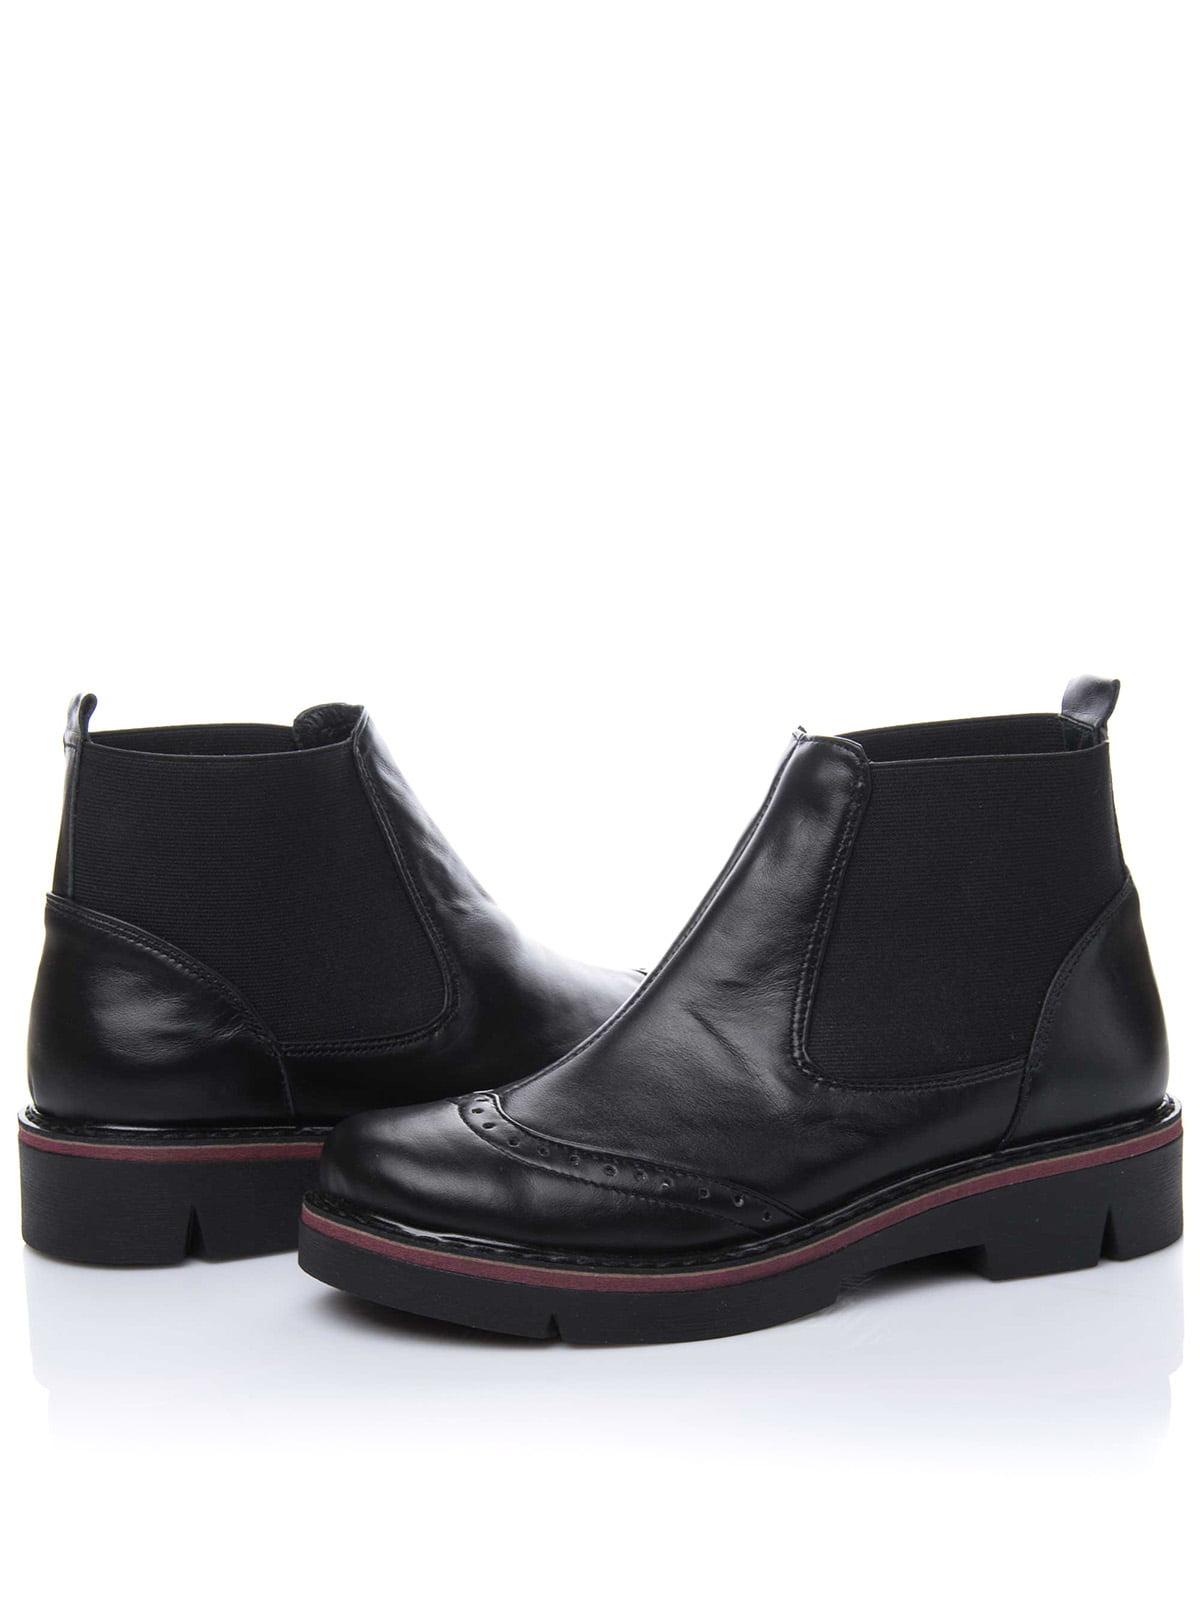 Ботинки черные | 3656744 | фото 2